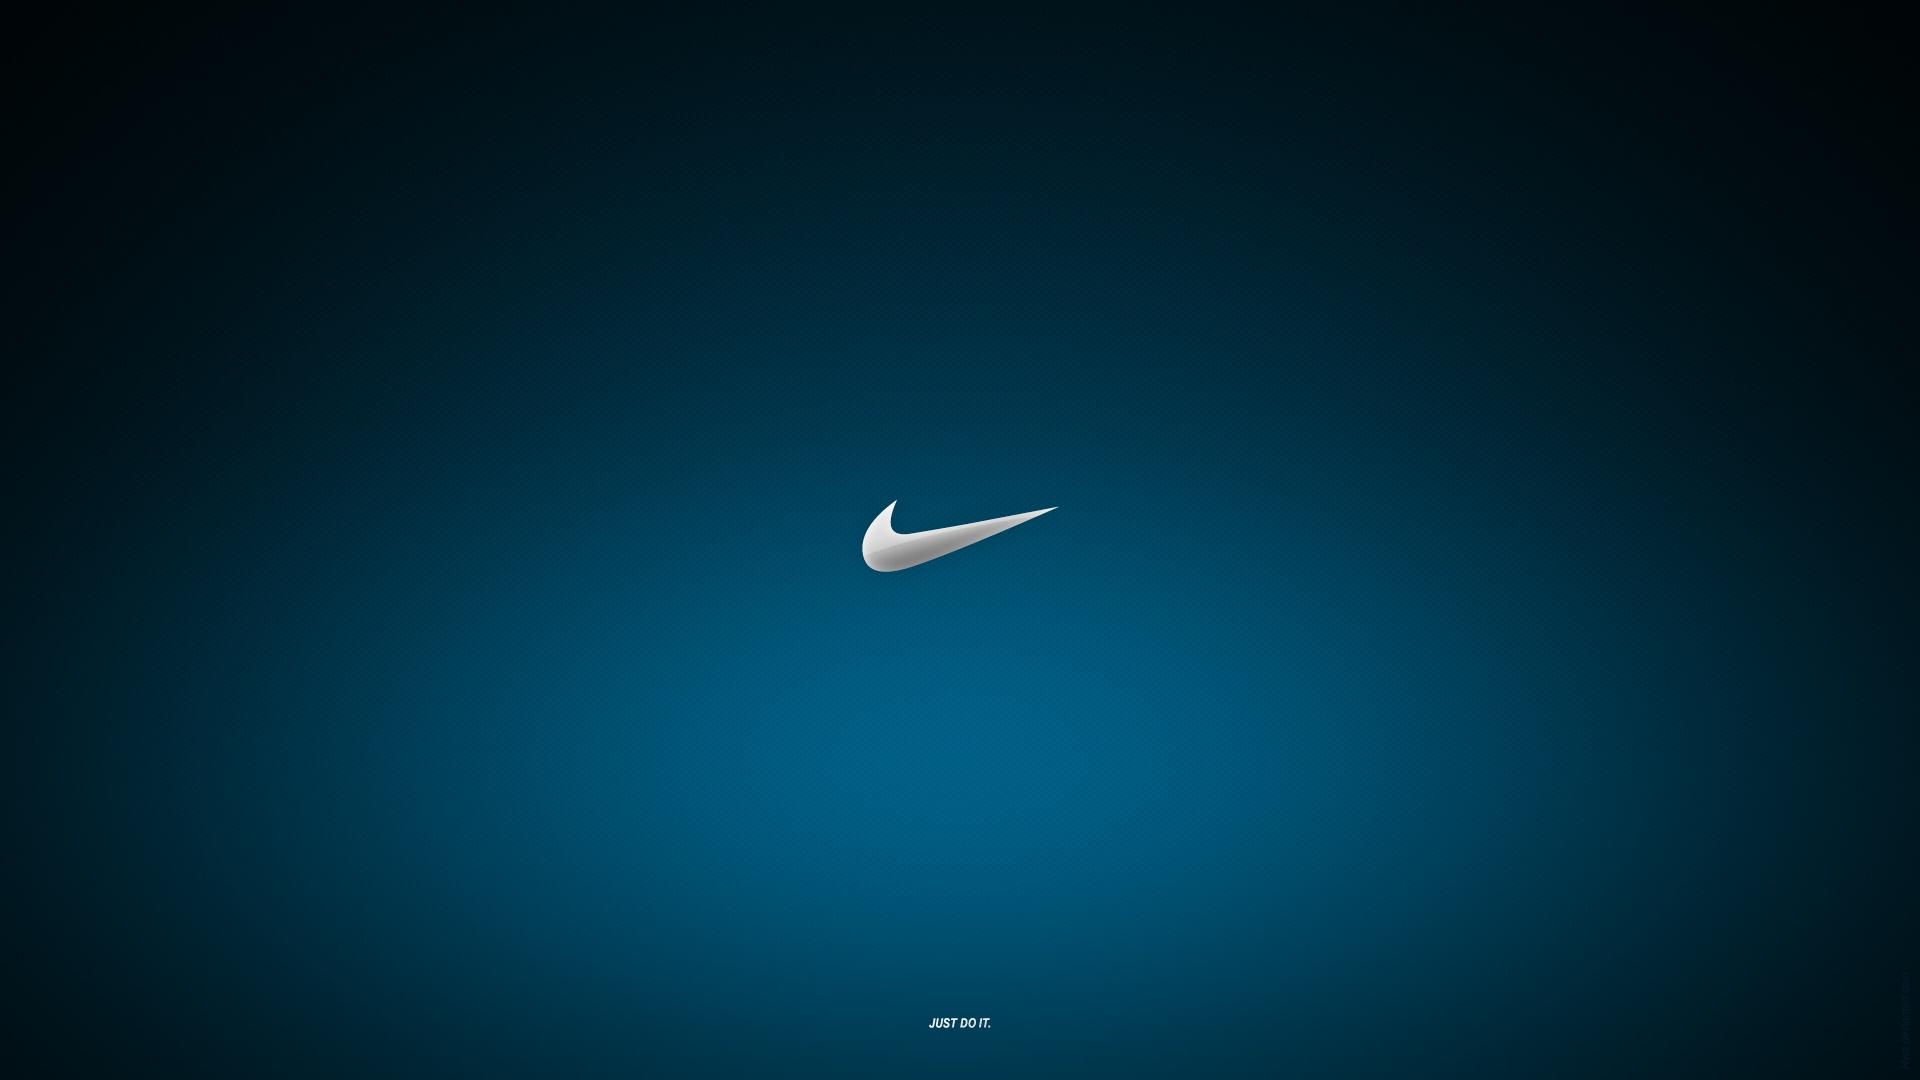 Description Nike Logo Wallpaper is a hi res Wallpaper for pc desktops 1920x1080